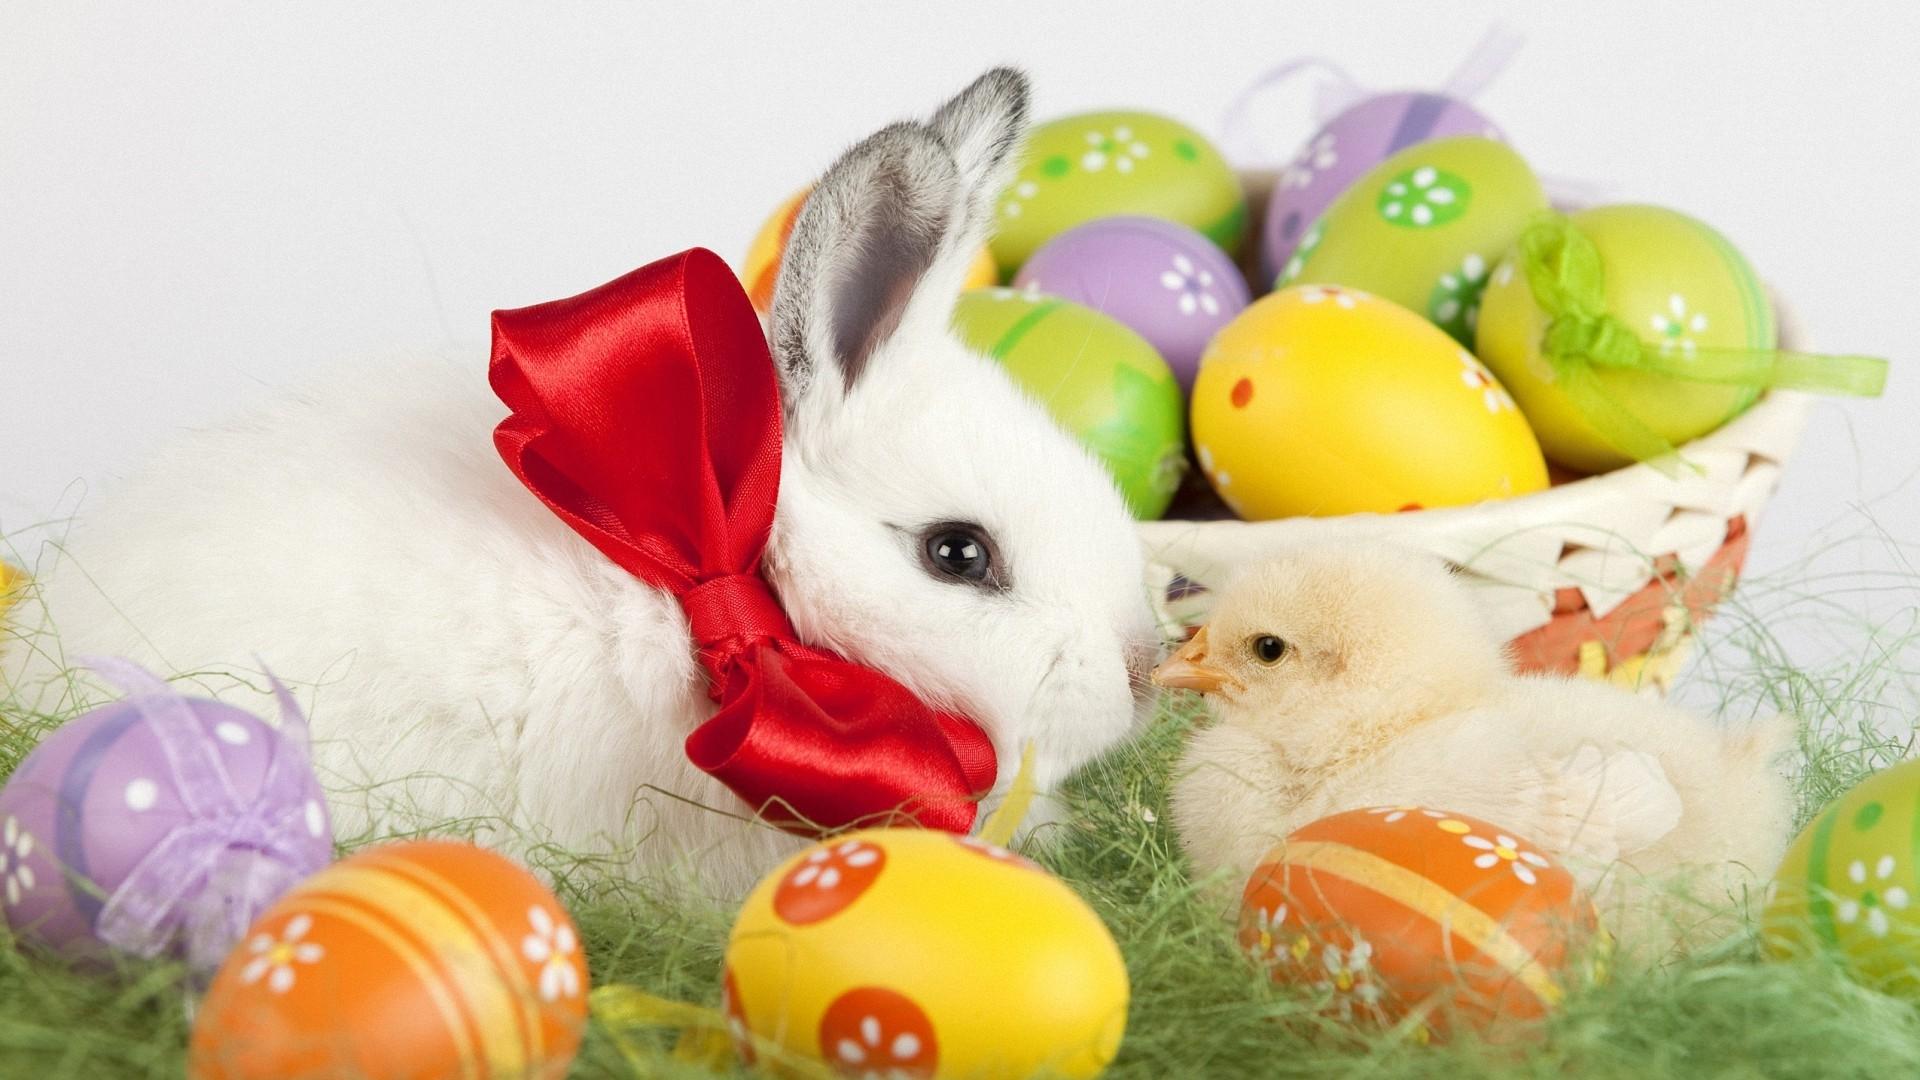 Cute Easter Wallpaper Download Full